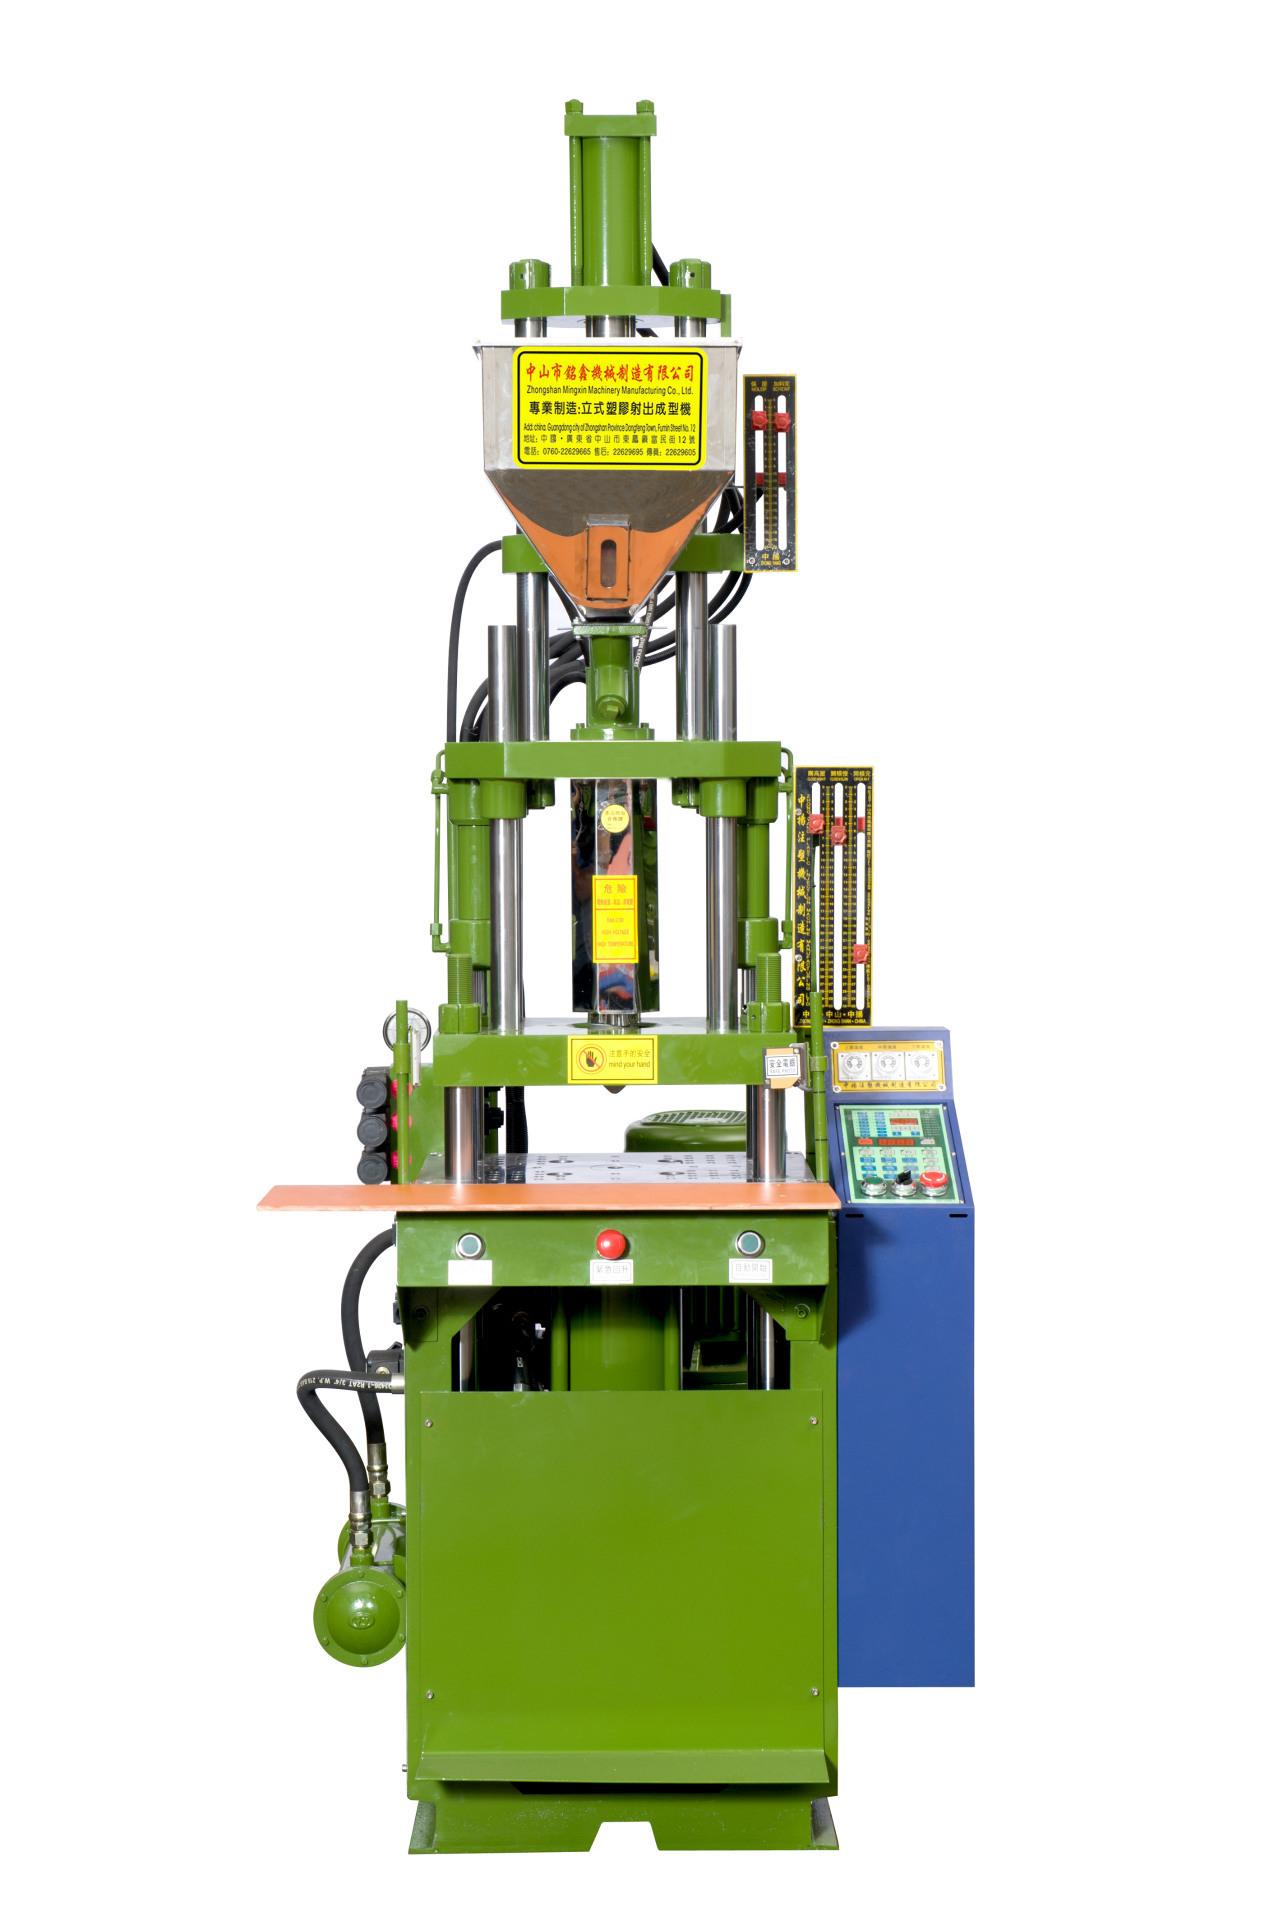 Nhà sản xuất cung cấp phích cắm chống thấm phun đúc MX-250ST dọc máy ép phun